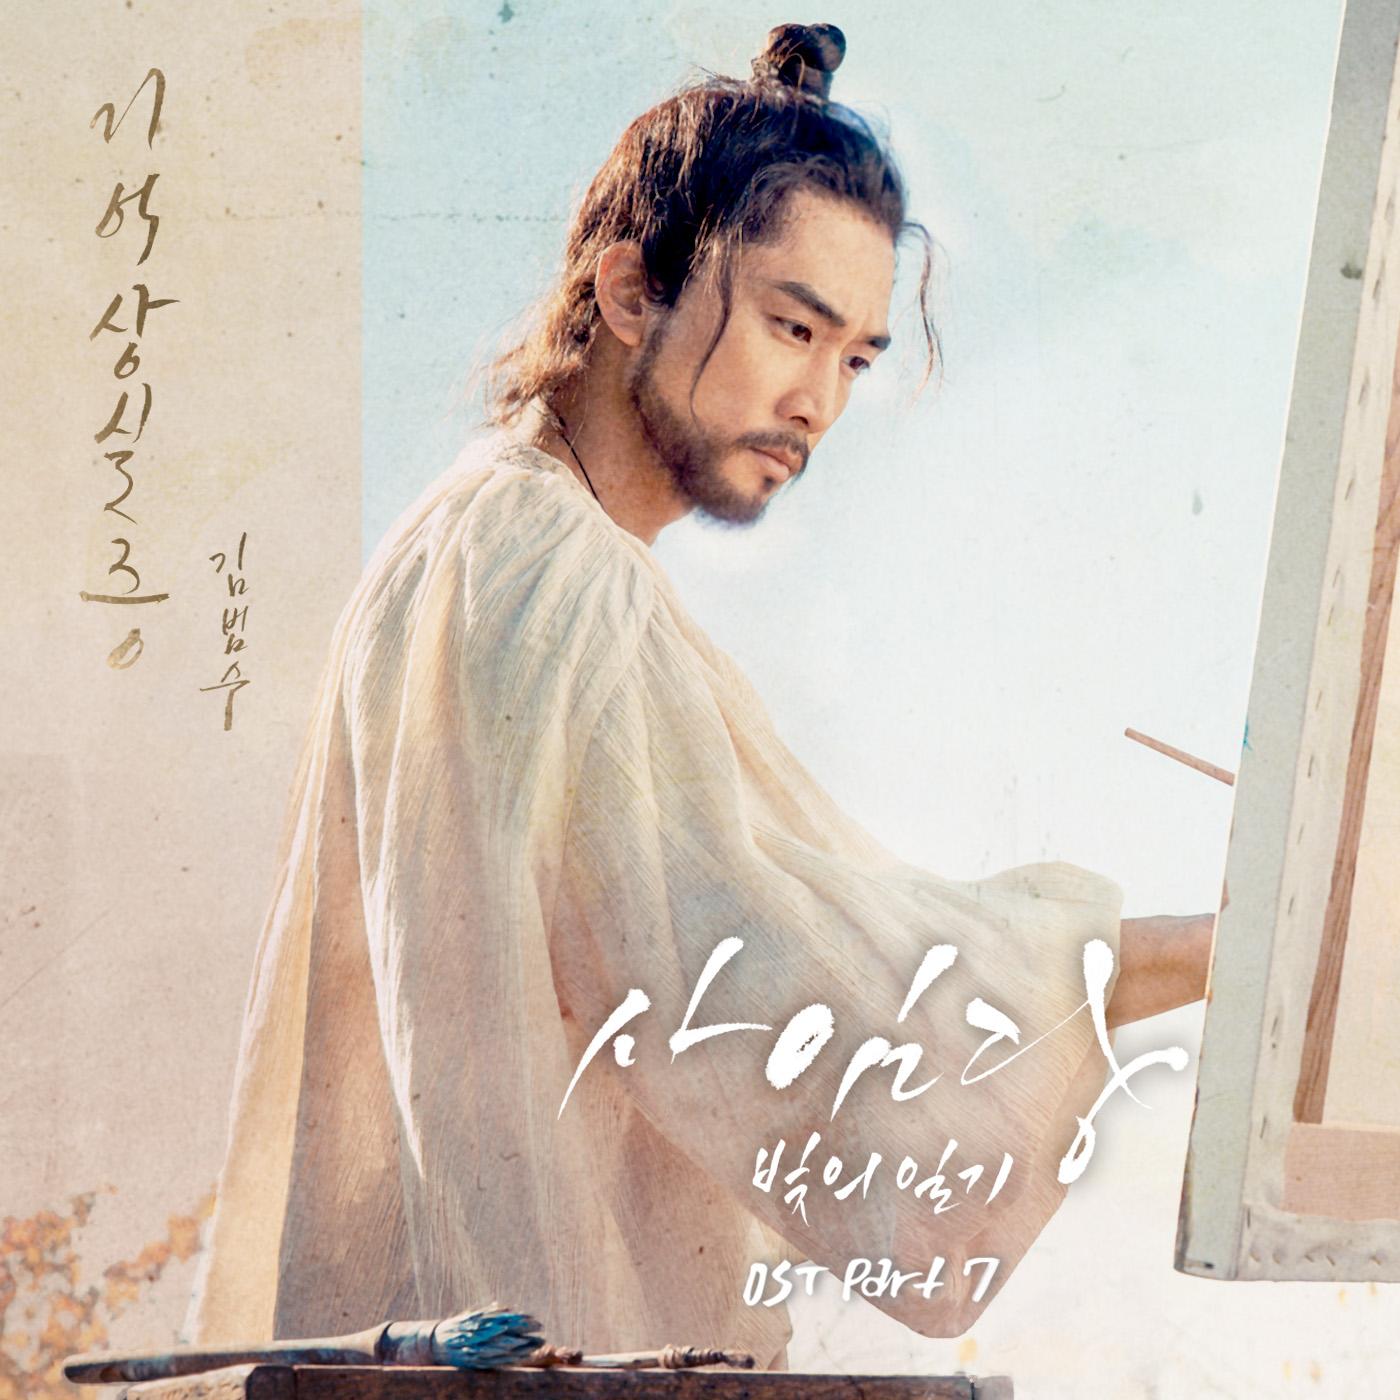 사임당, 빛의 일기 OST Part.7 앨범이미지